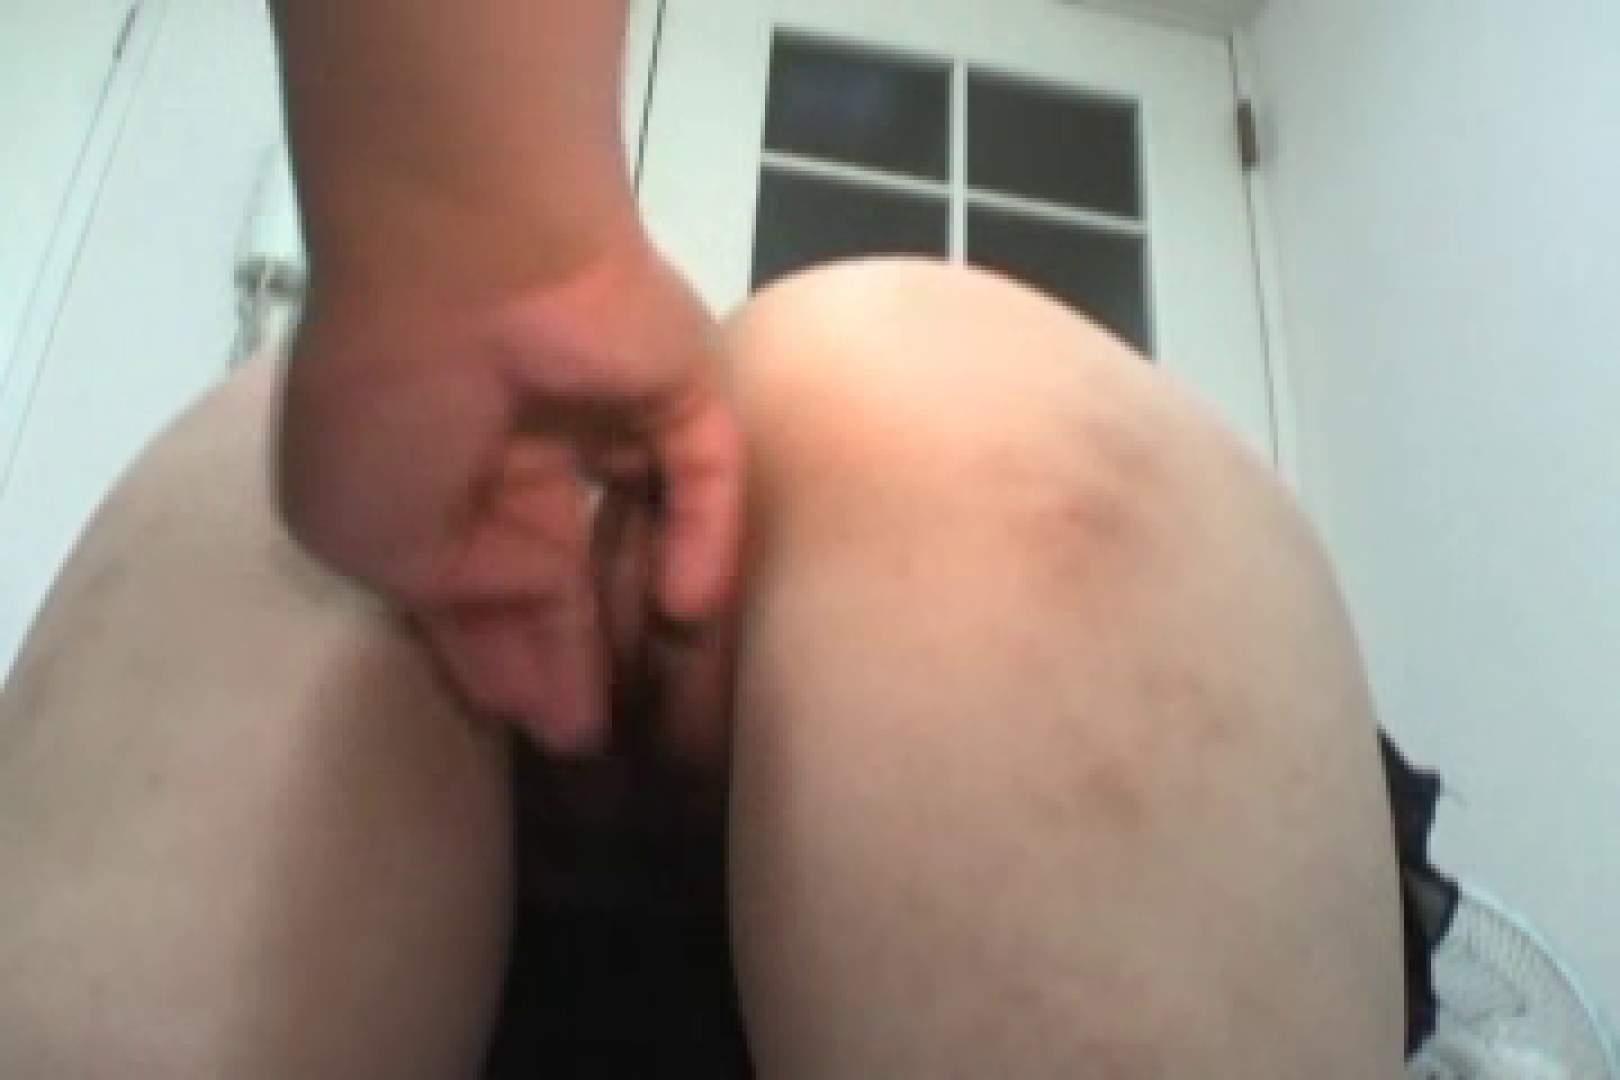 パンツ売りの女の子 ゆづきちゃんvol.1 OLのエッチ | 一般投稿  101pic 43